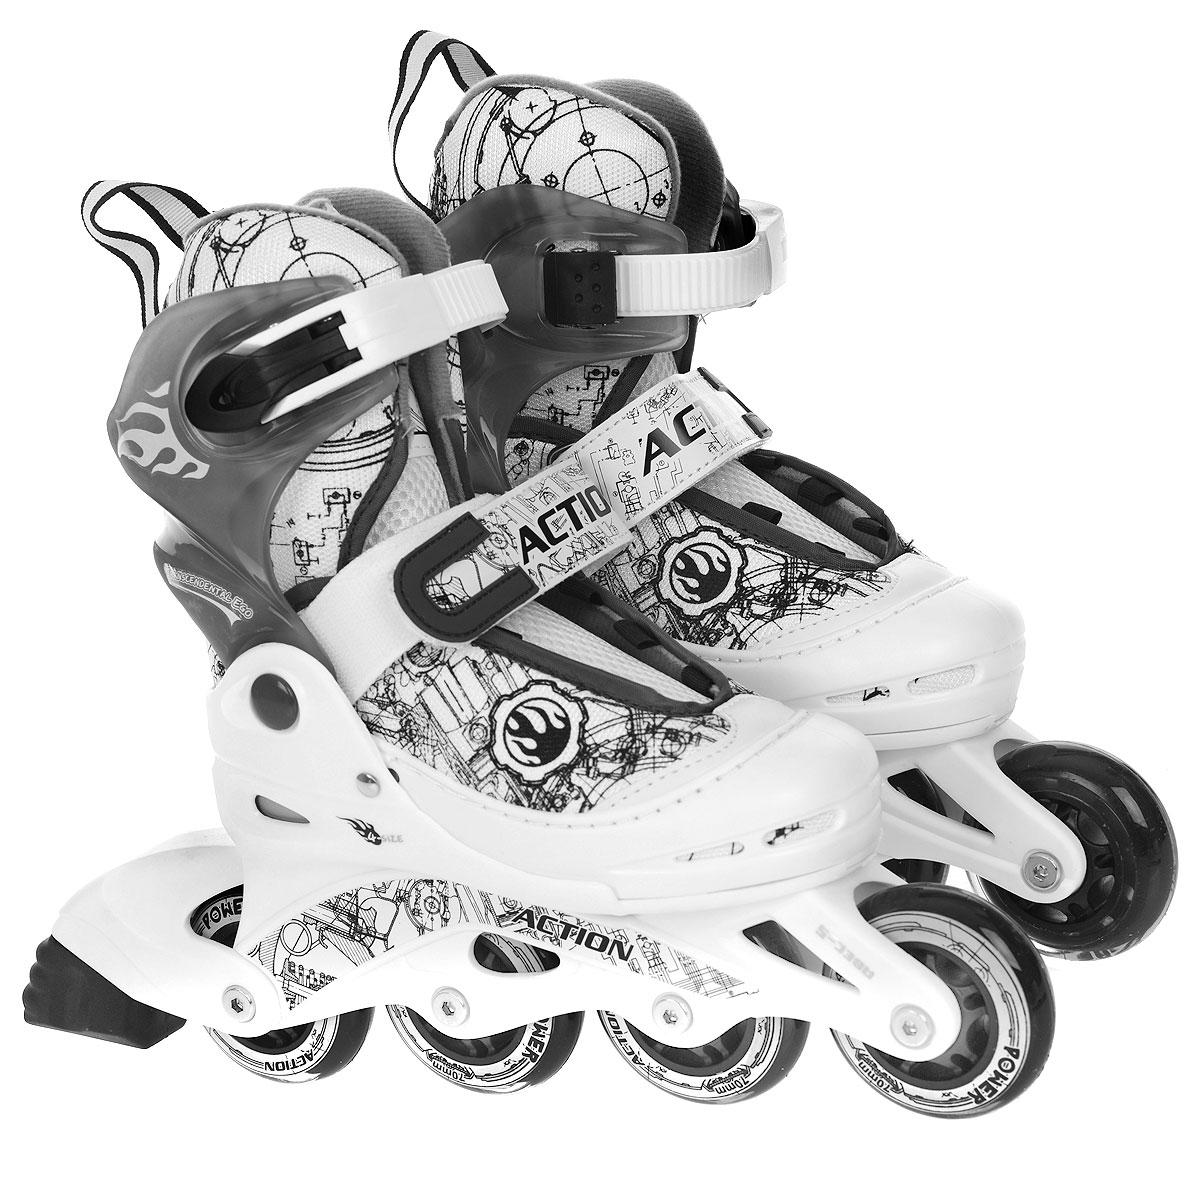 Коньки роликовые Action PW-118, раздвижные, цвет: белый, серый. Размер 38/41 ролики action ролики раздвижные